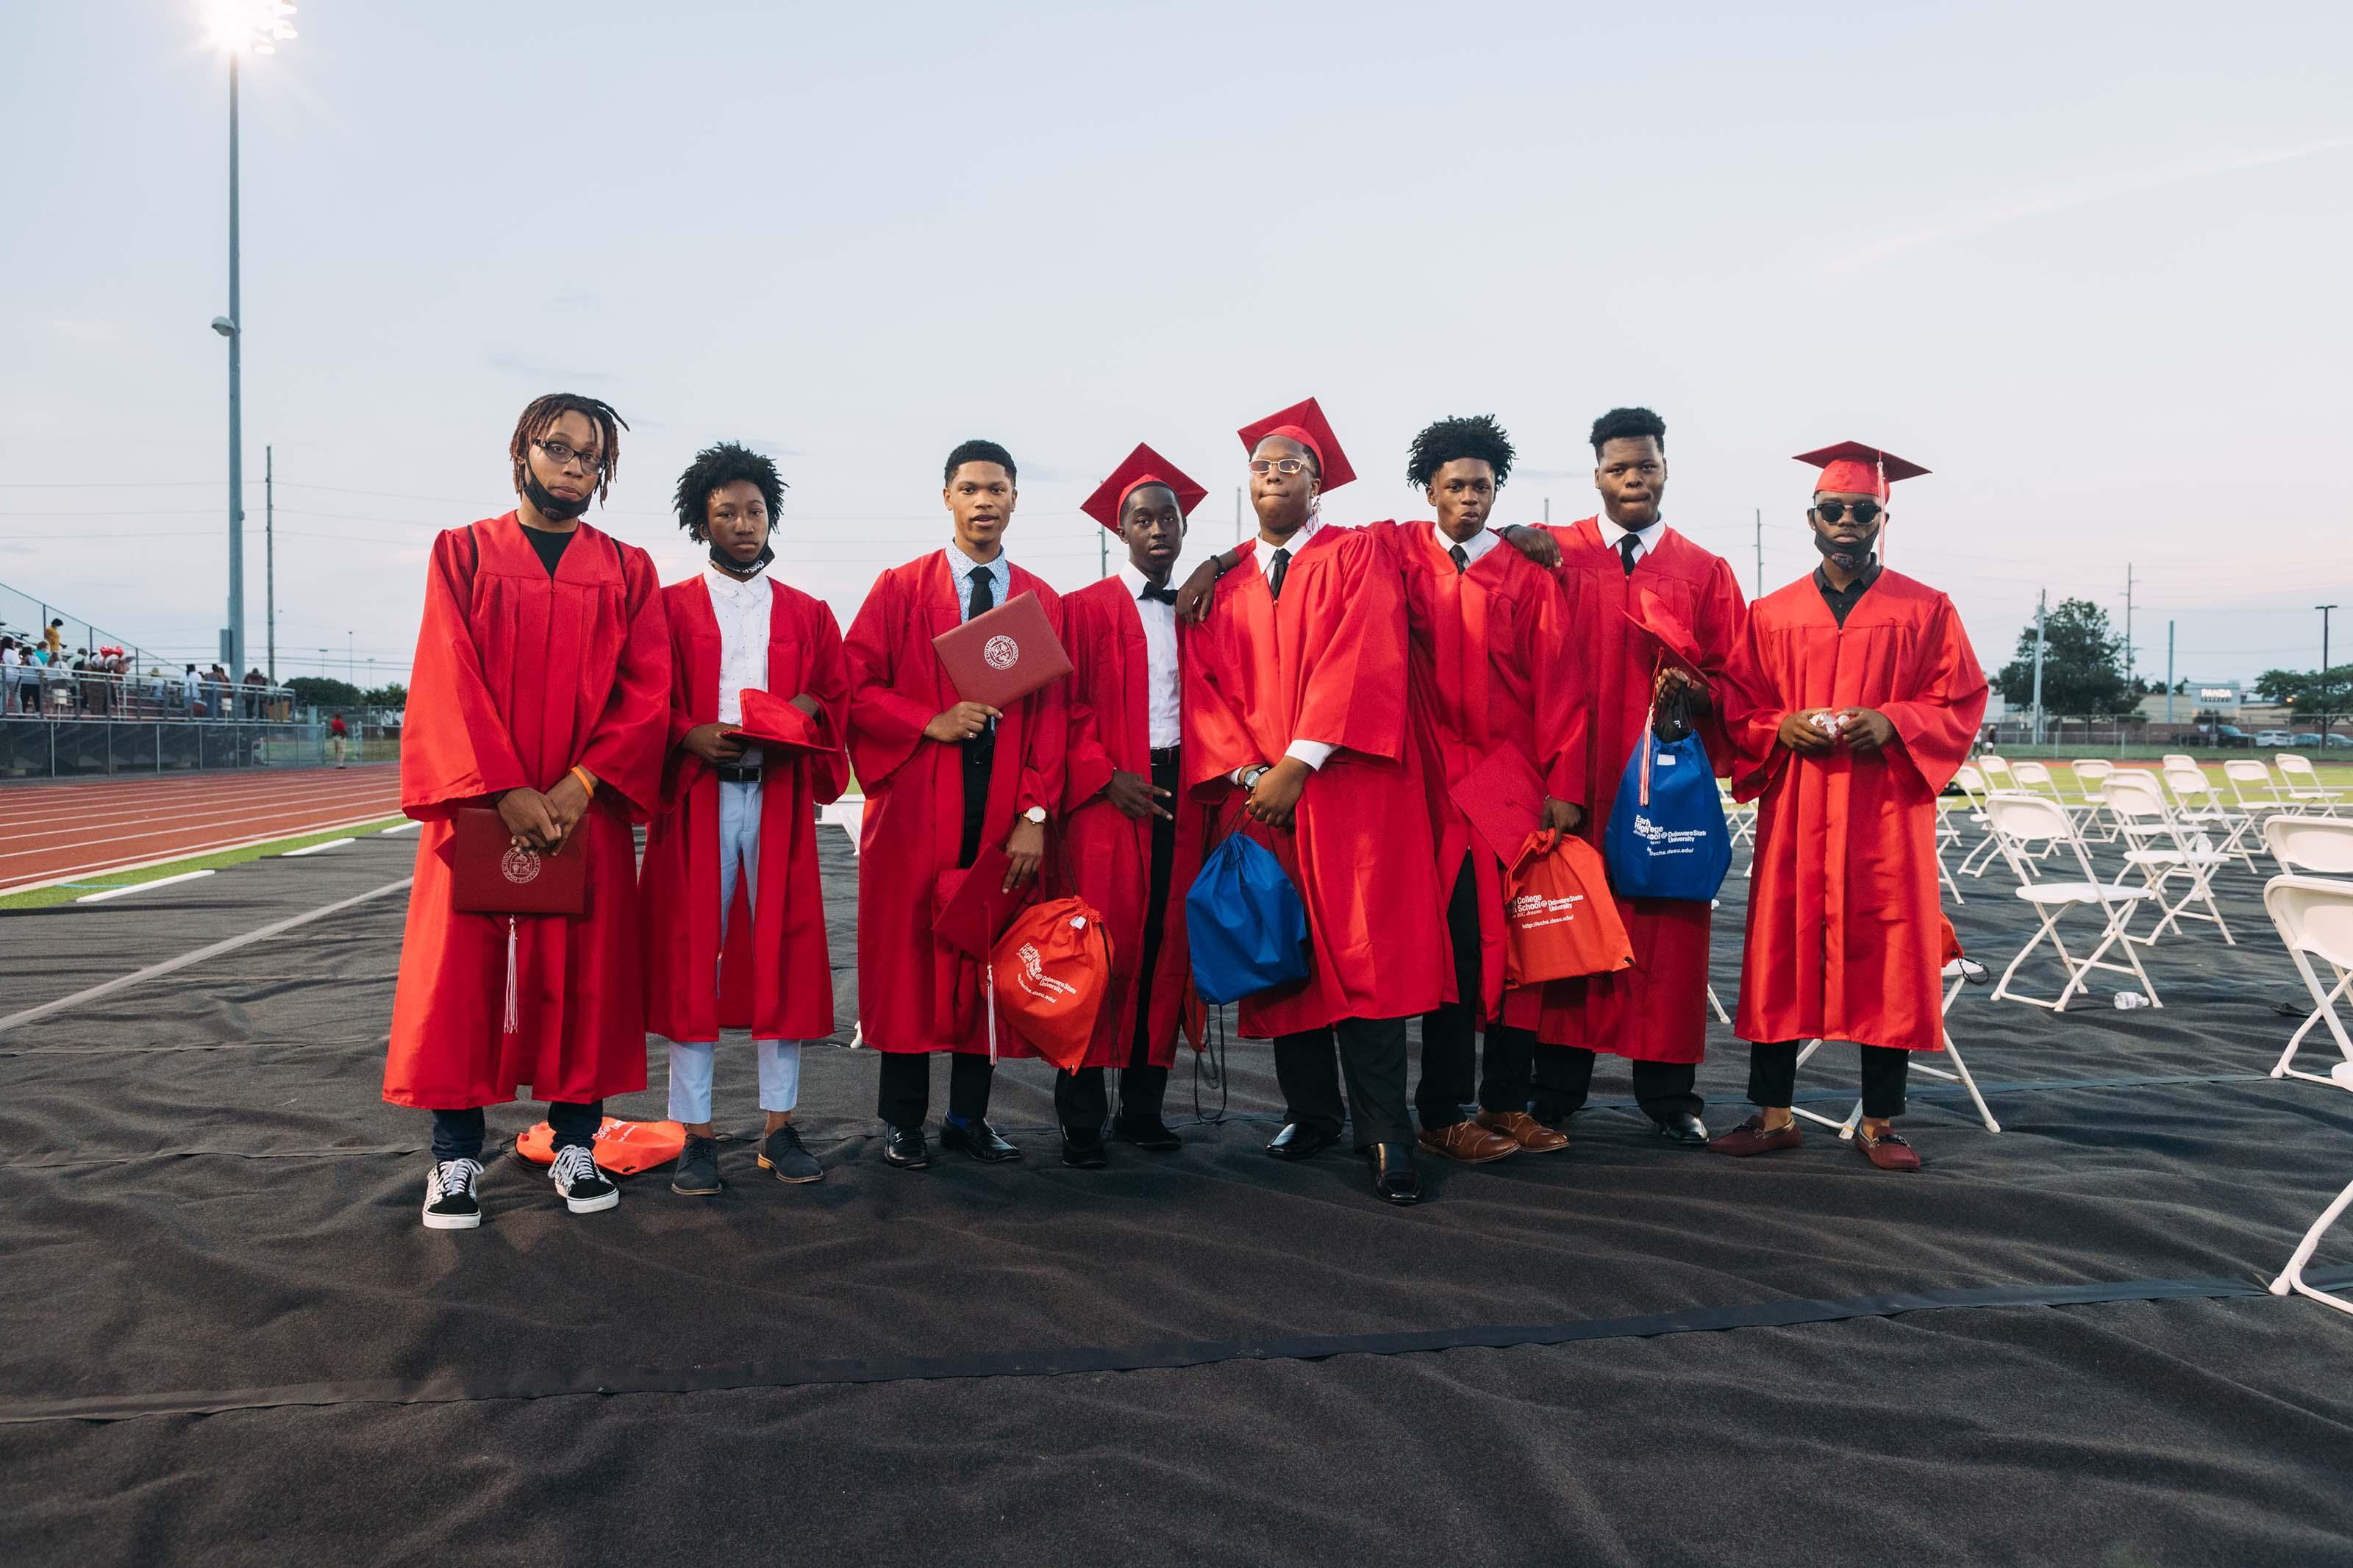 Seven men of the ECHS Class of 2020.